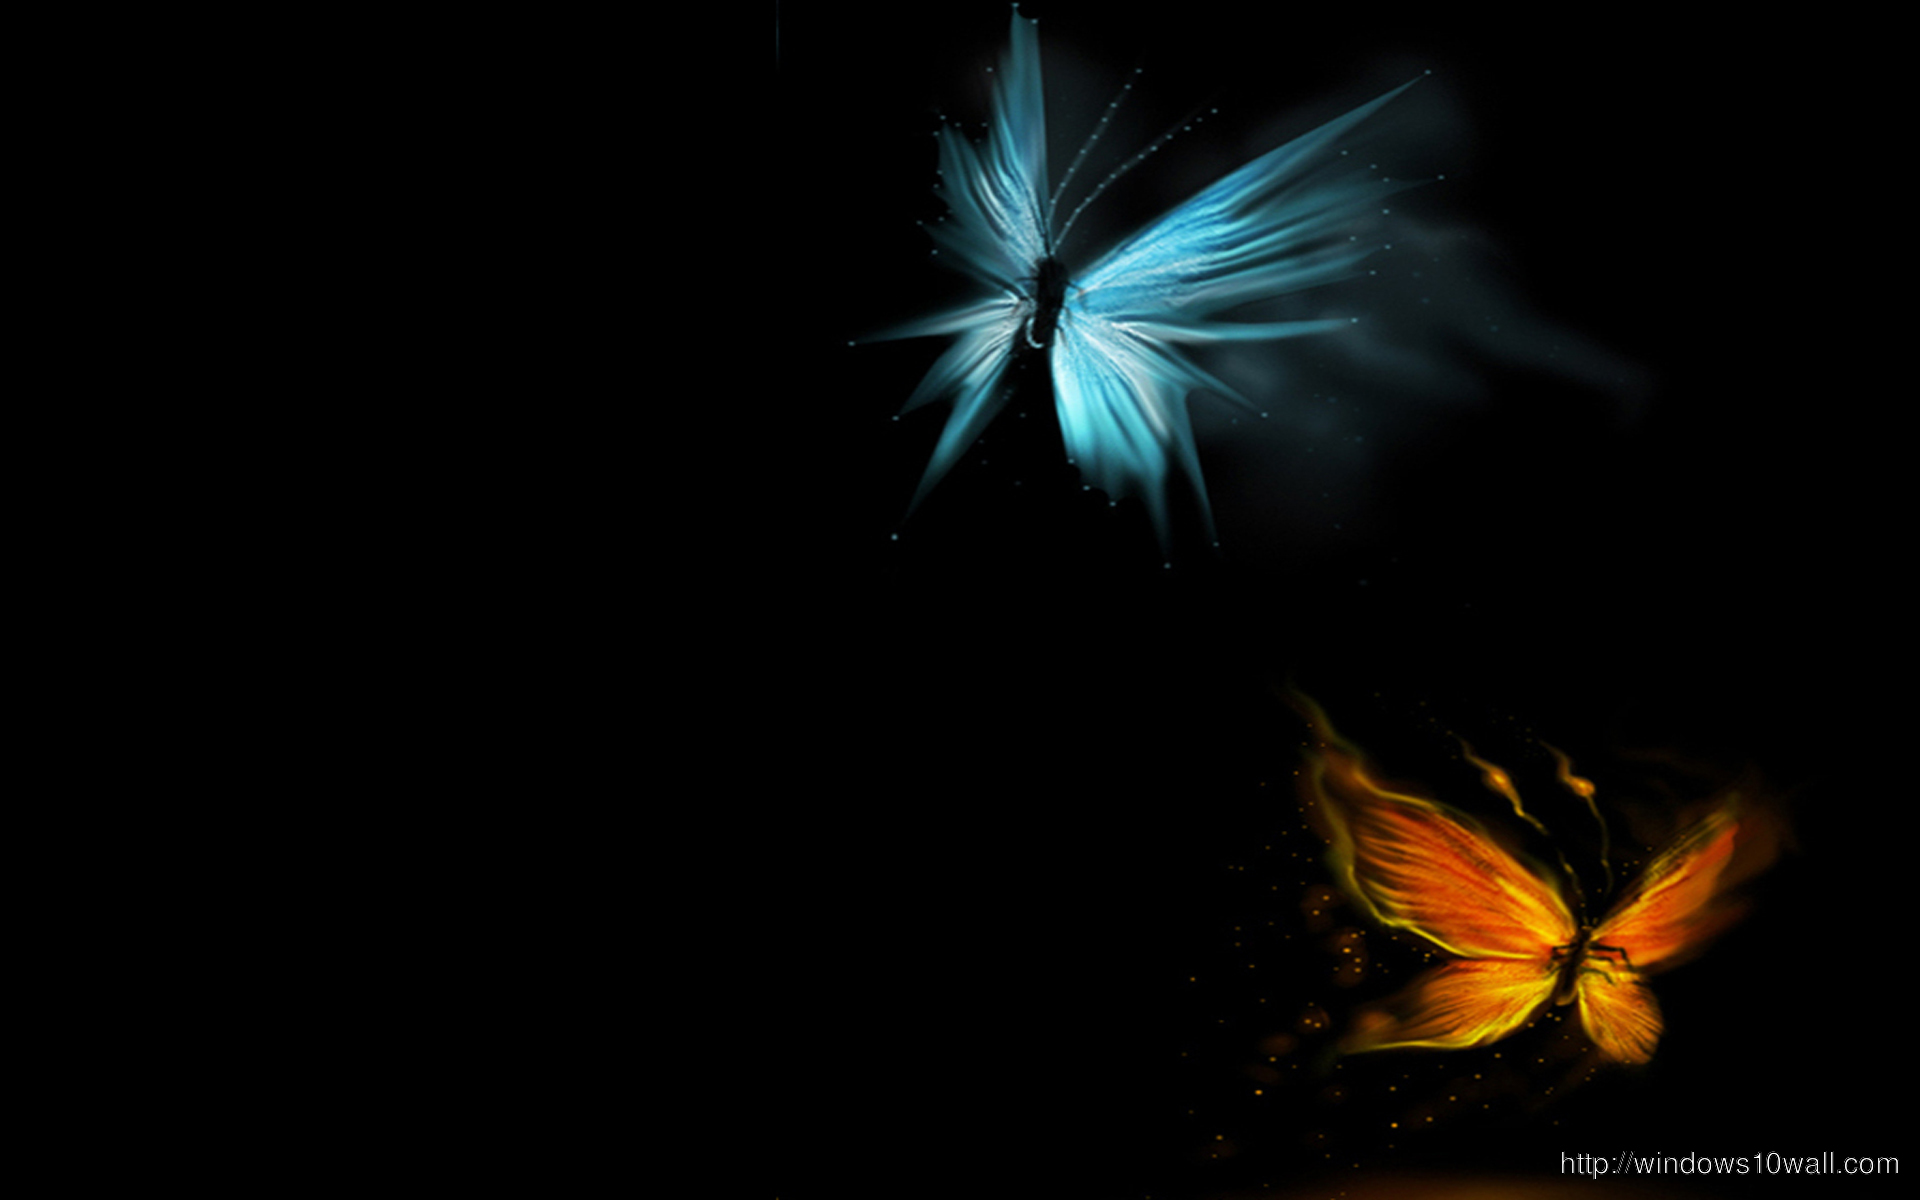 butterfly-wallpaper-in-hd